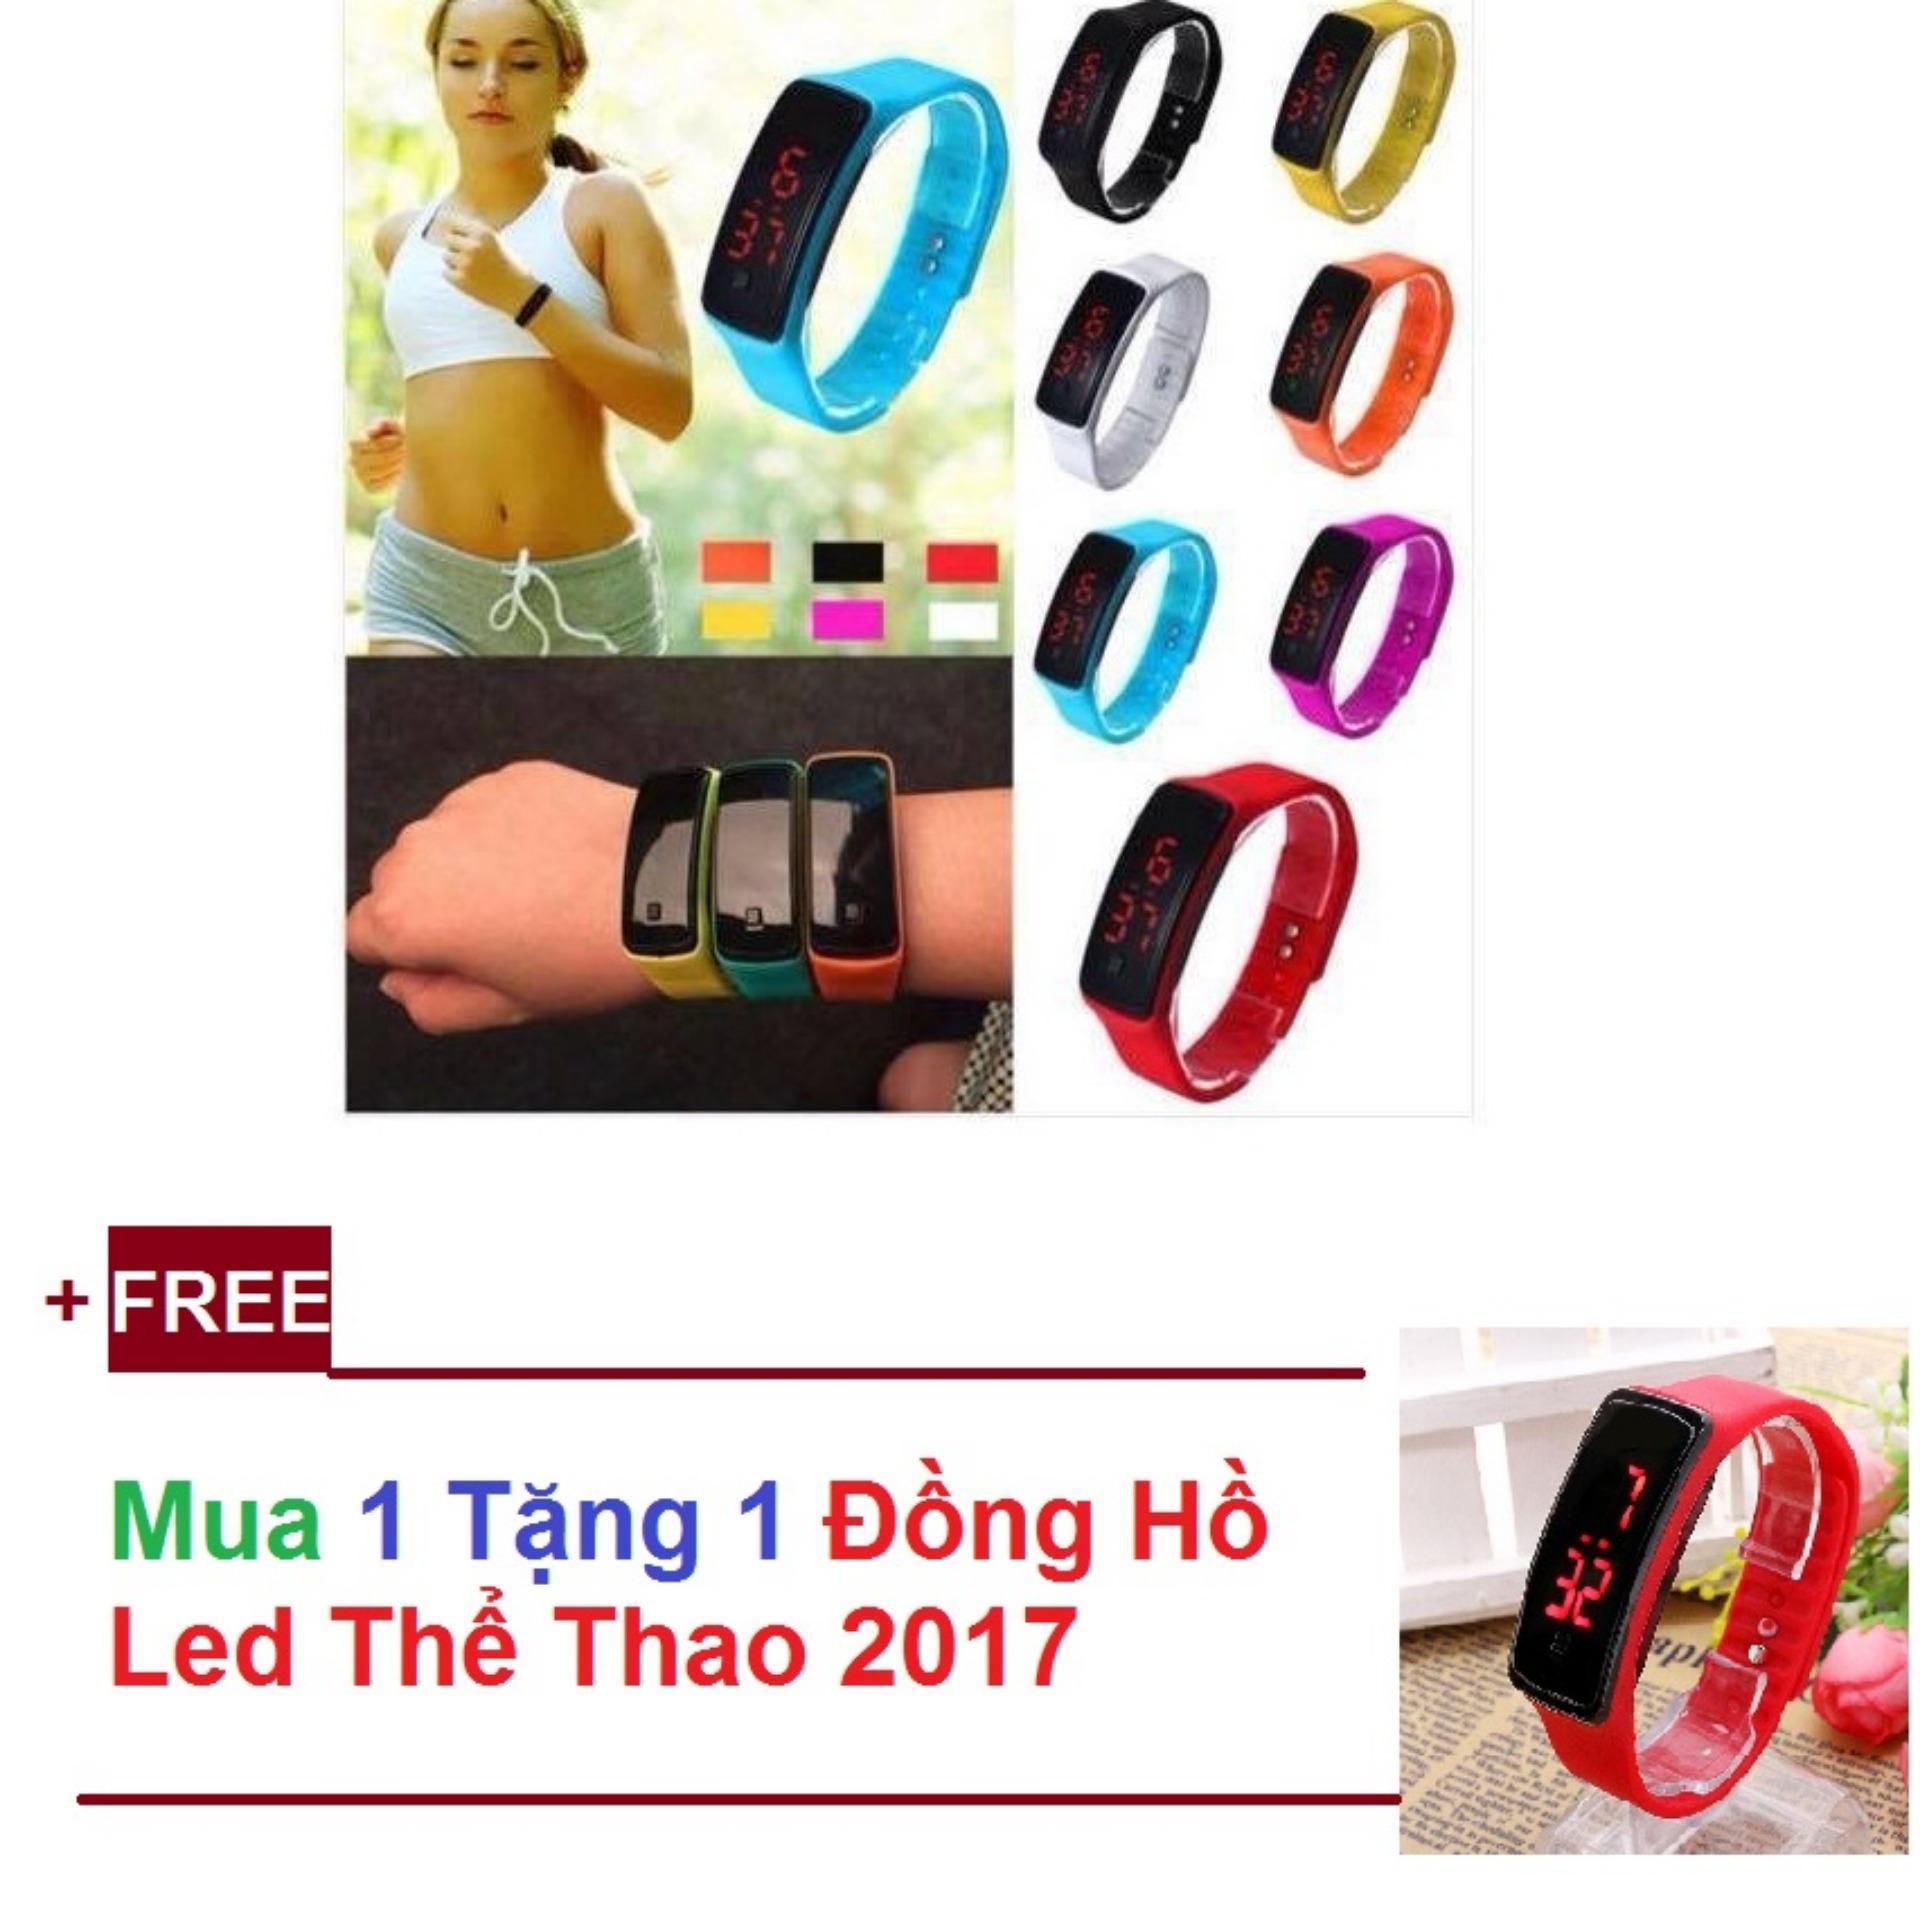 Đồng Hồ Led Thể Thao 2017-Mua 1 Tặng 1